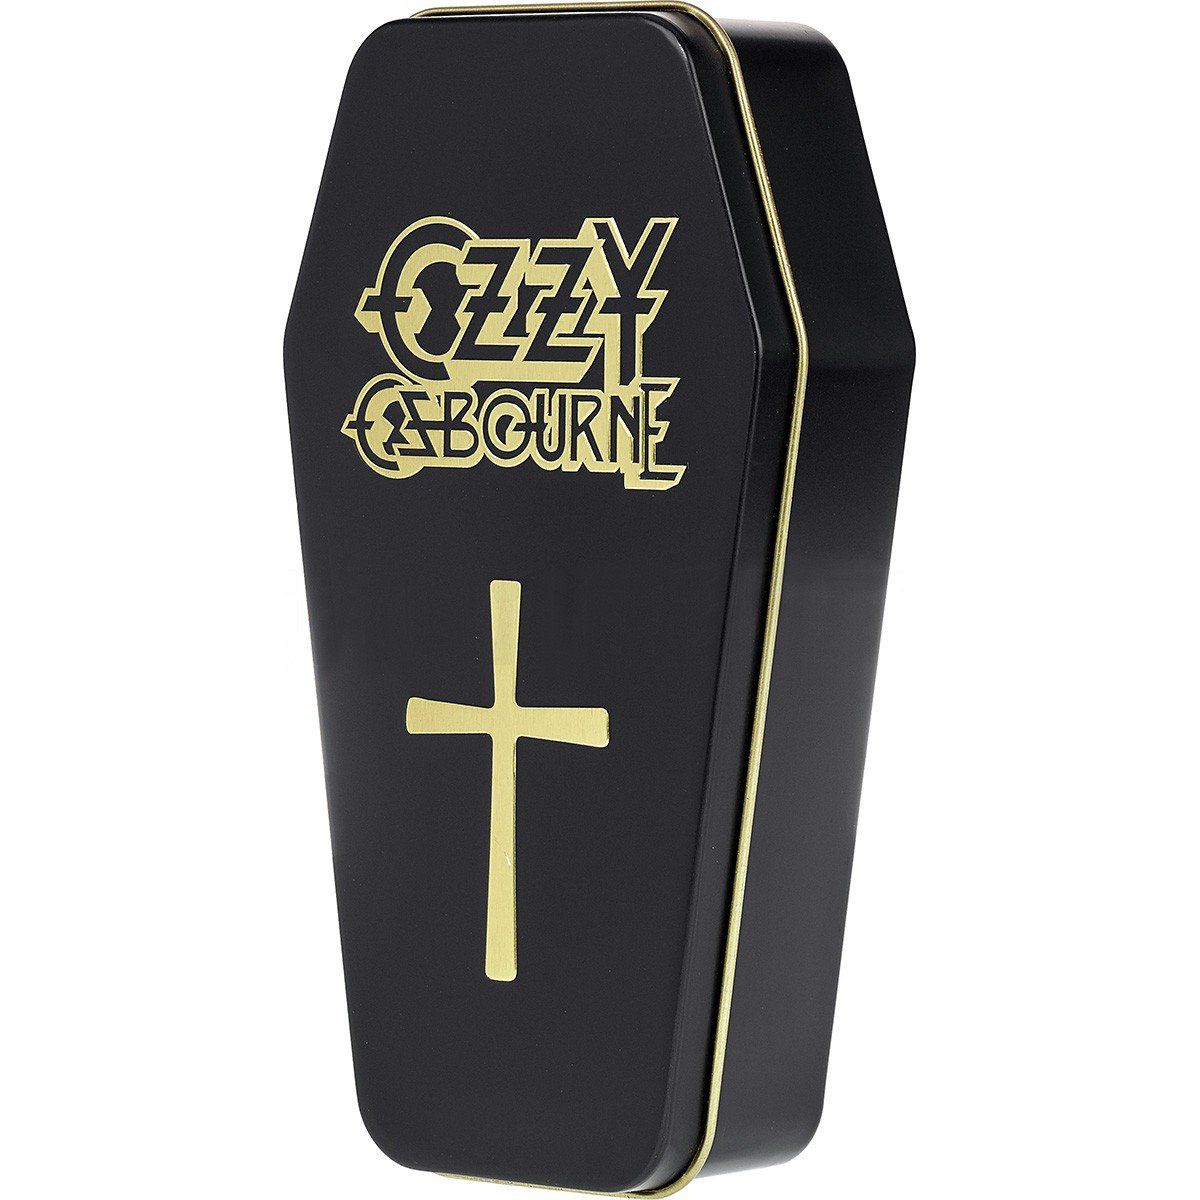 Hohner Ozzy Osbourne M666 Gaita Harmônica Afinada em C Dó Assinada com Case de Caixão